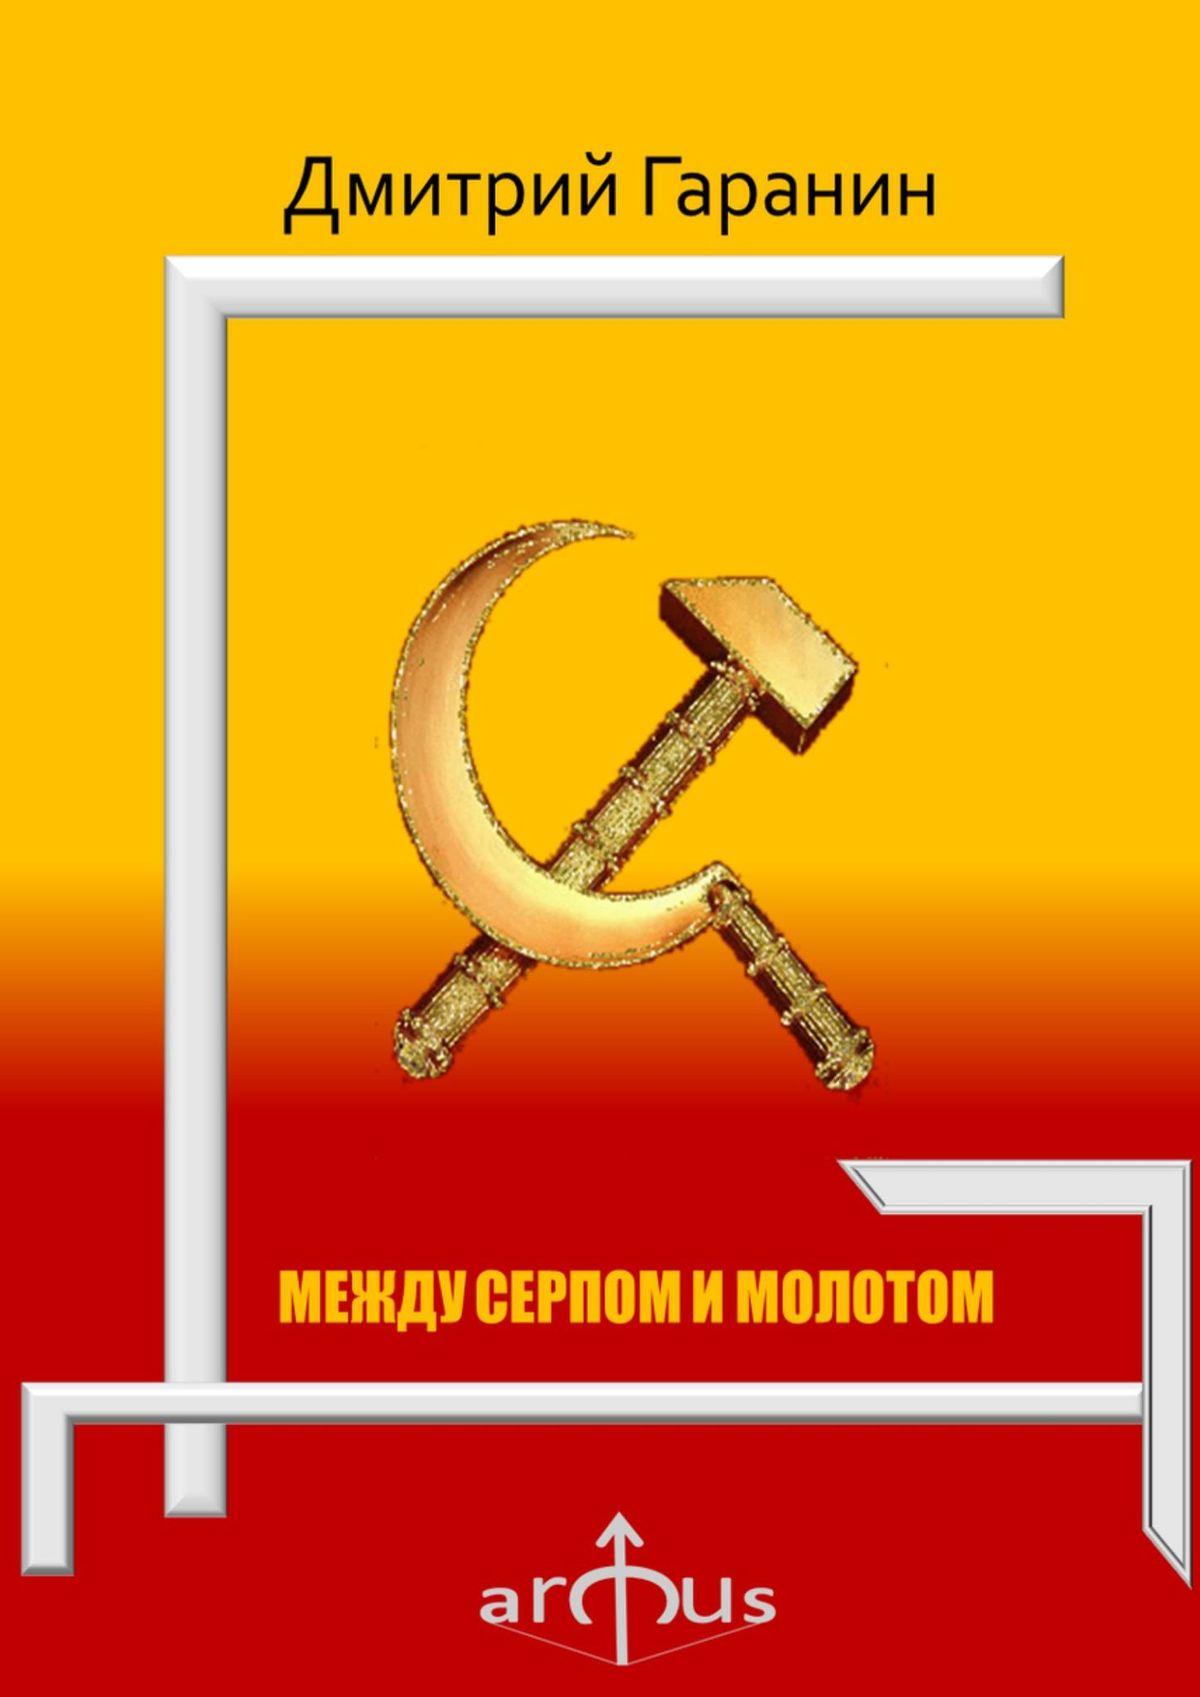 Дмитрий Гаранин Между серпом и молотом. Ископаемые стихи (1978-89)